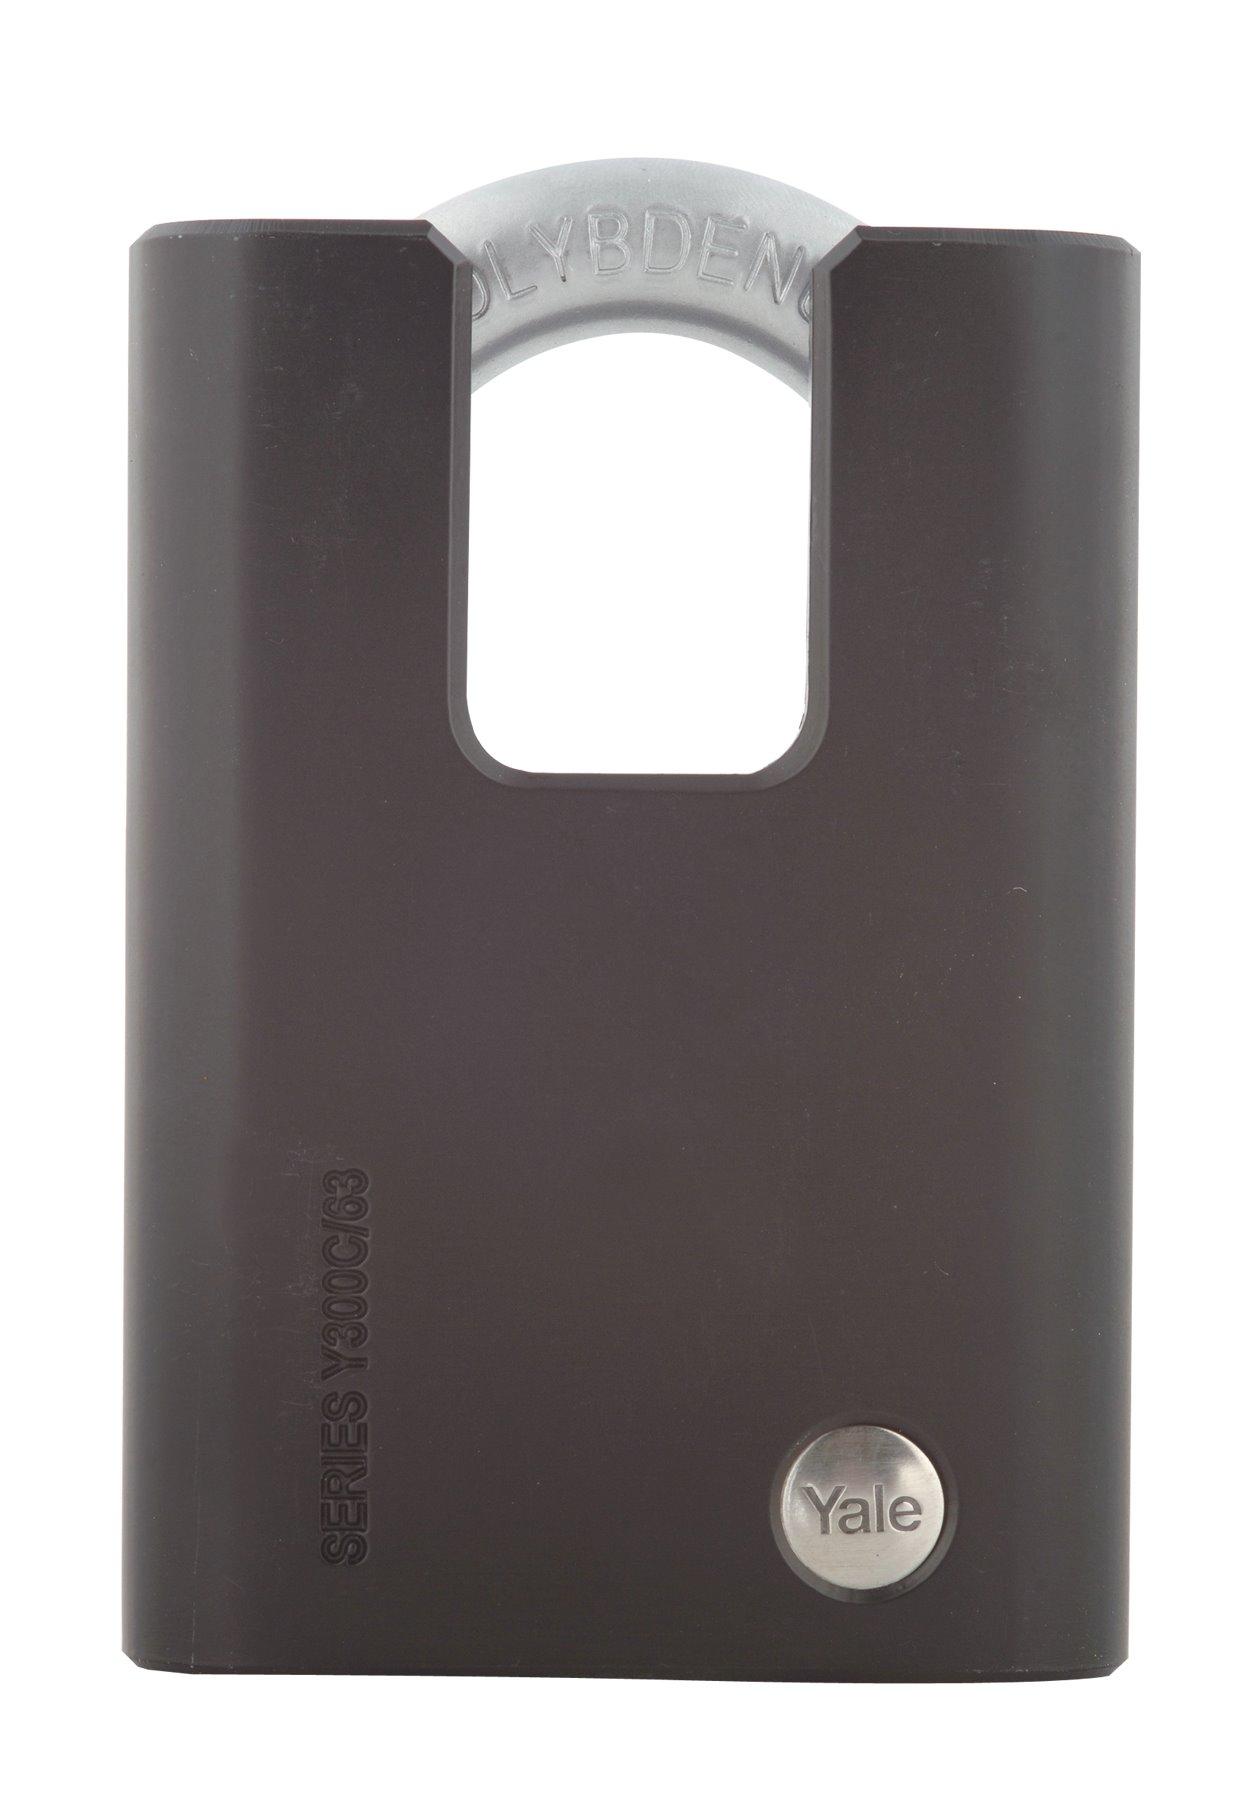 Hänglås Maximum i härdat stål dold bygel - Y300C